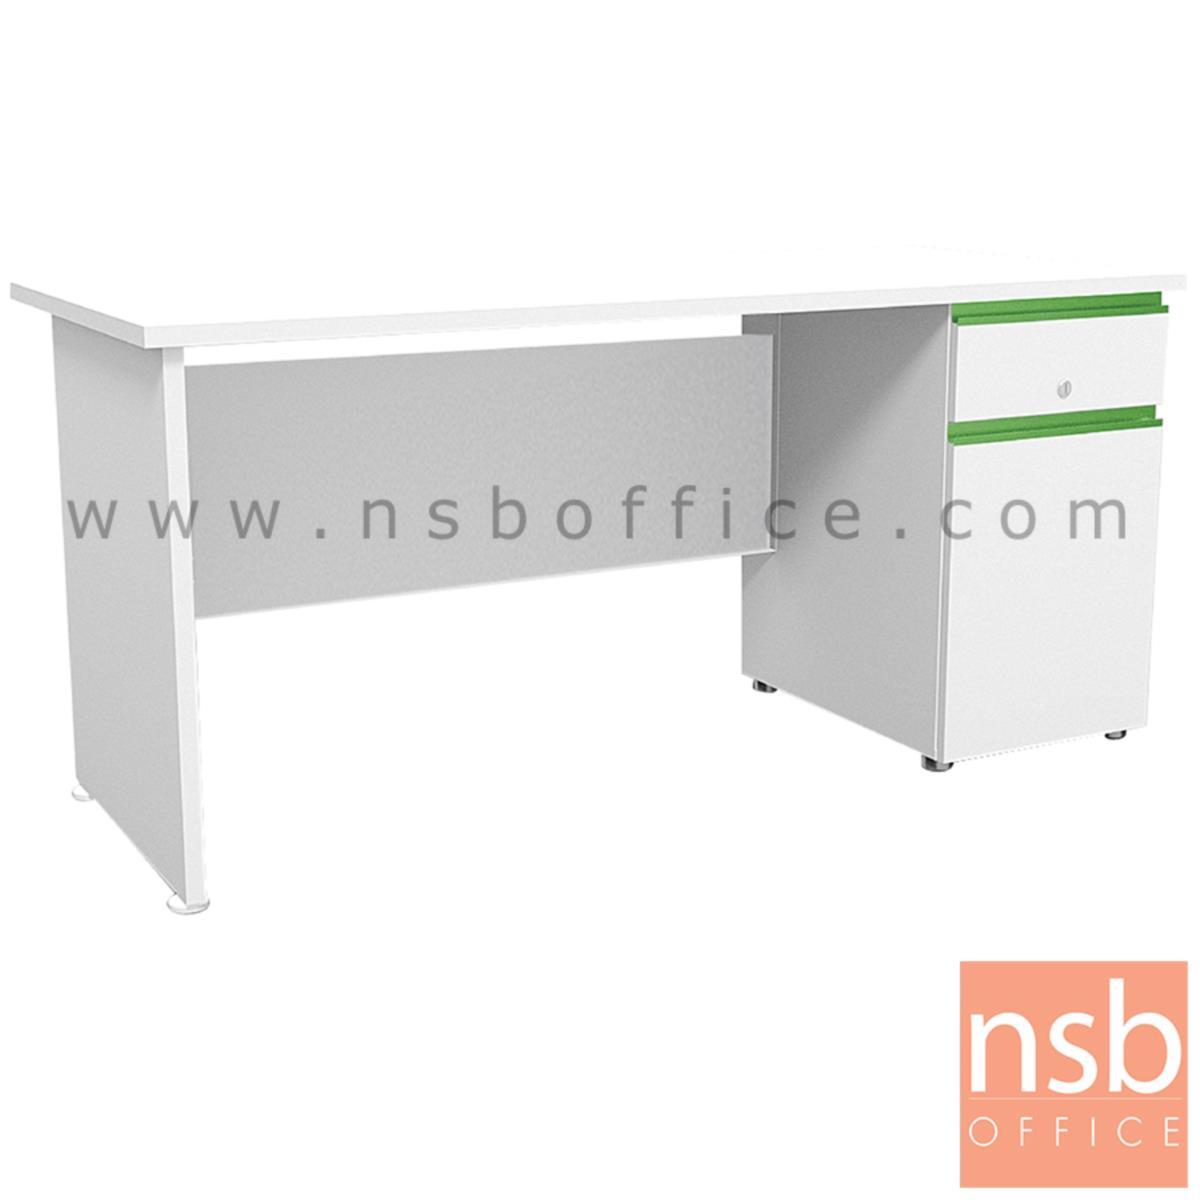 A20A030:โต๊ะทำงานสีสัน 1 ลิ้นชัก 1 บานเปิด  รุ่น Nexzone (เน็กซ์โซน) ขนาด 120W ,155W cm. มือจับรางอลูมินั่ม